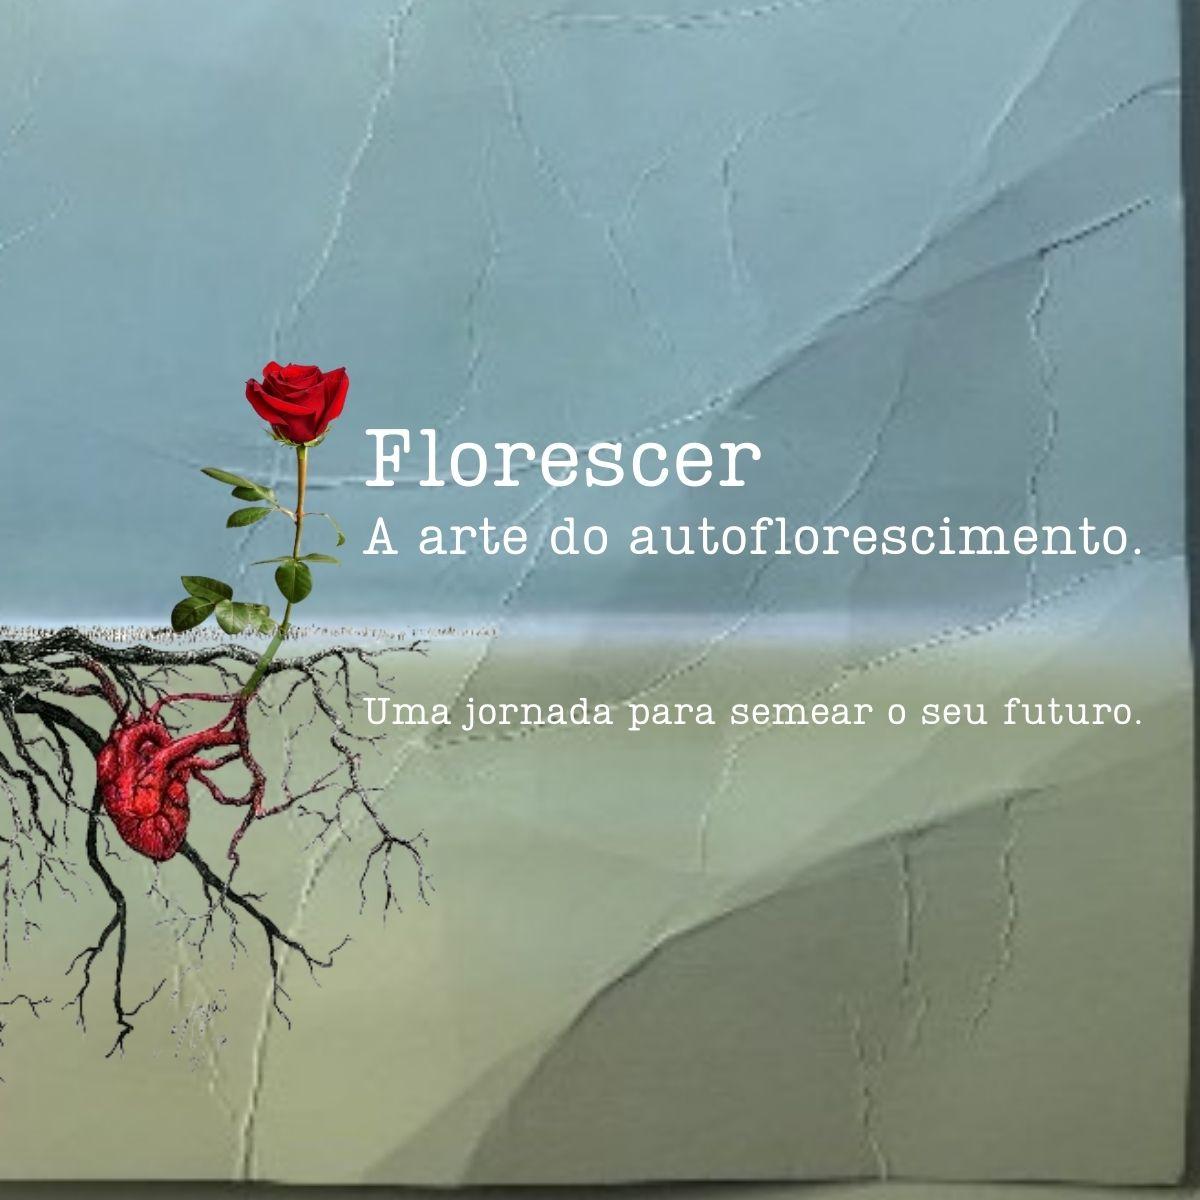 Florescer - A arte do autoflorescimento